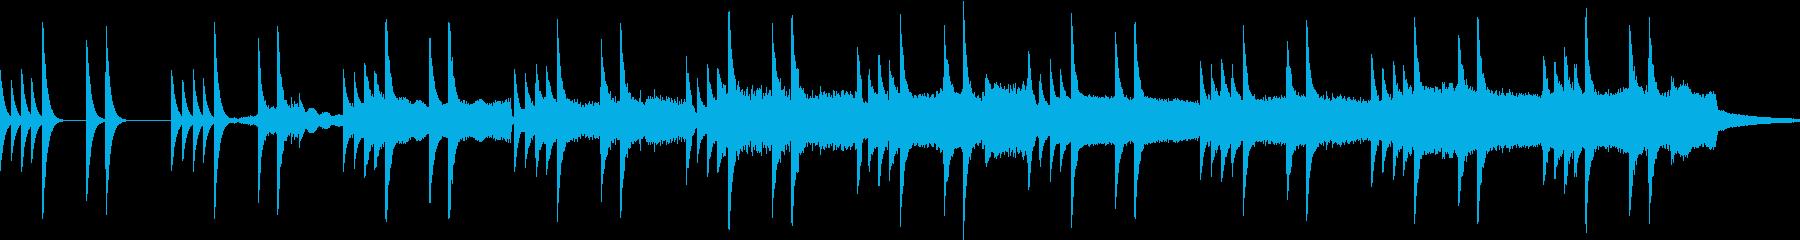 怖い雰囲気のBGMの再生済みの波形